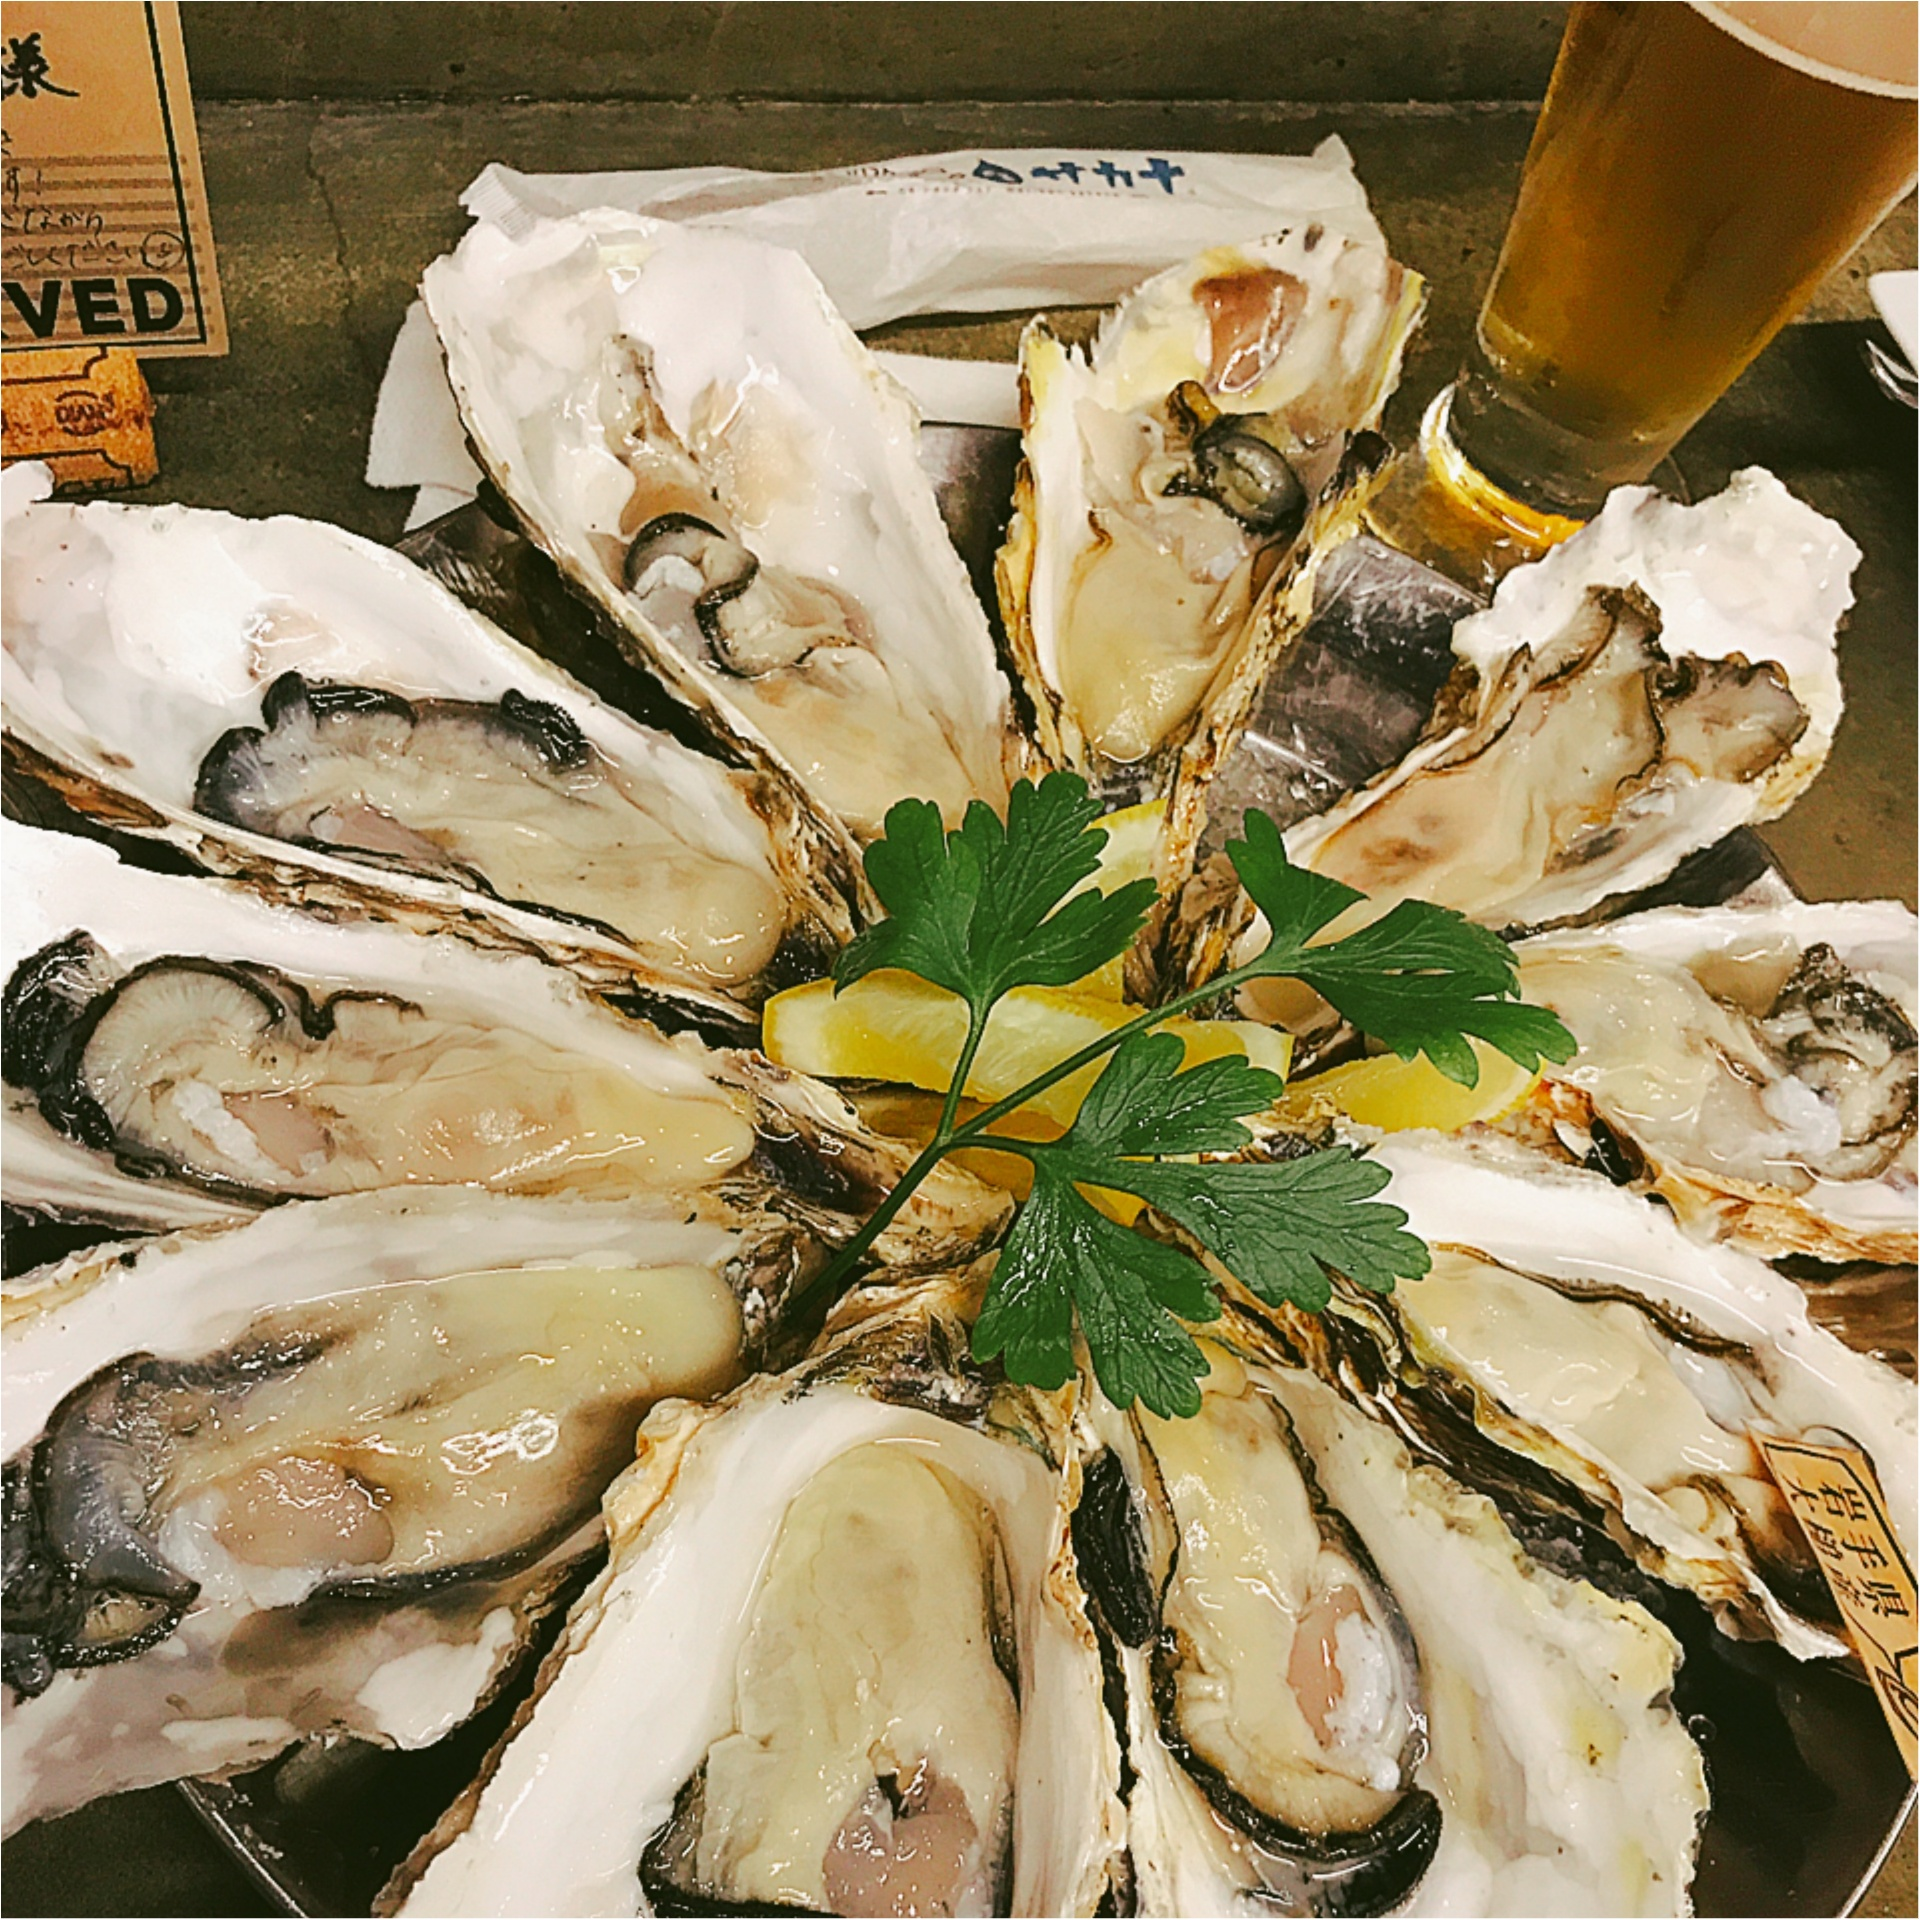 ★『R』の付く月到来!あの生牡蠣がなんと○○円で食べられてしまうお店があるんです!★_1